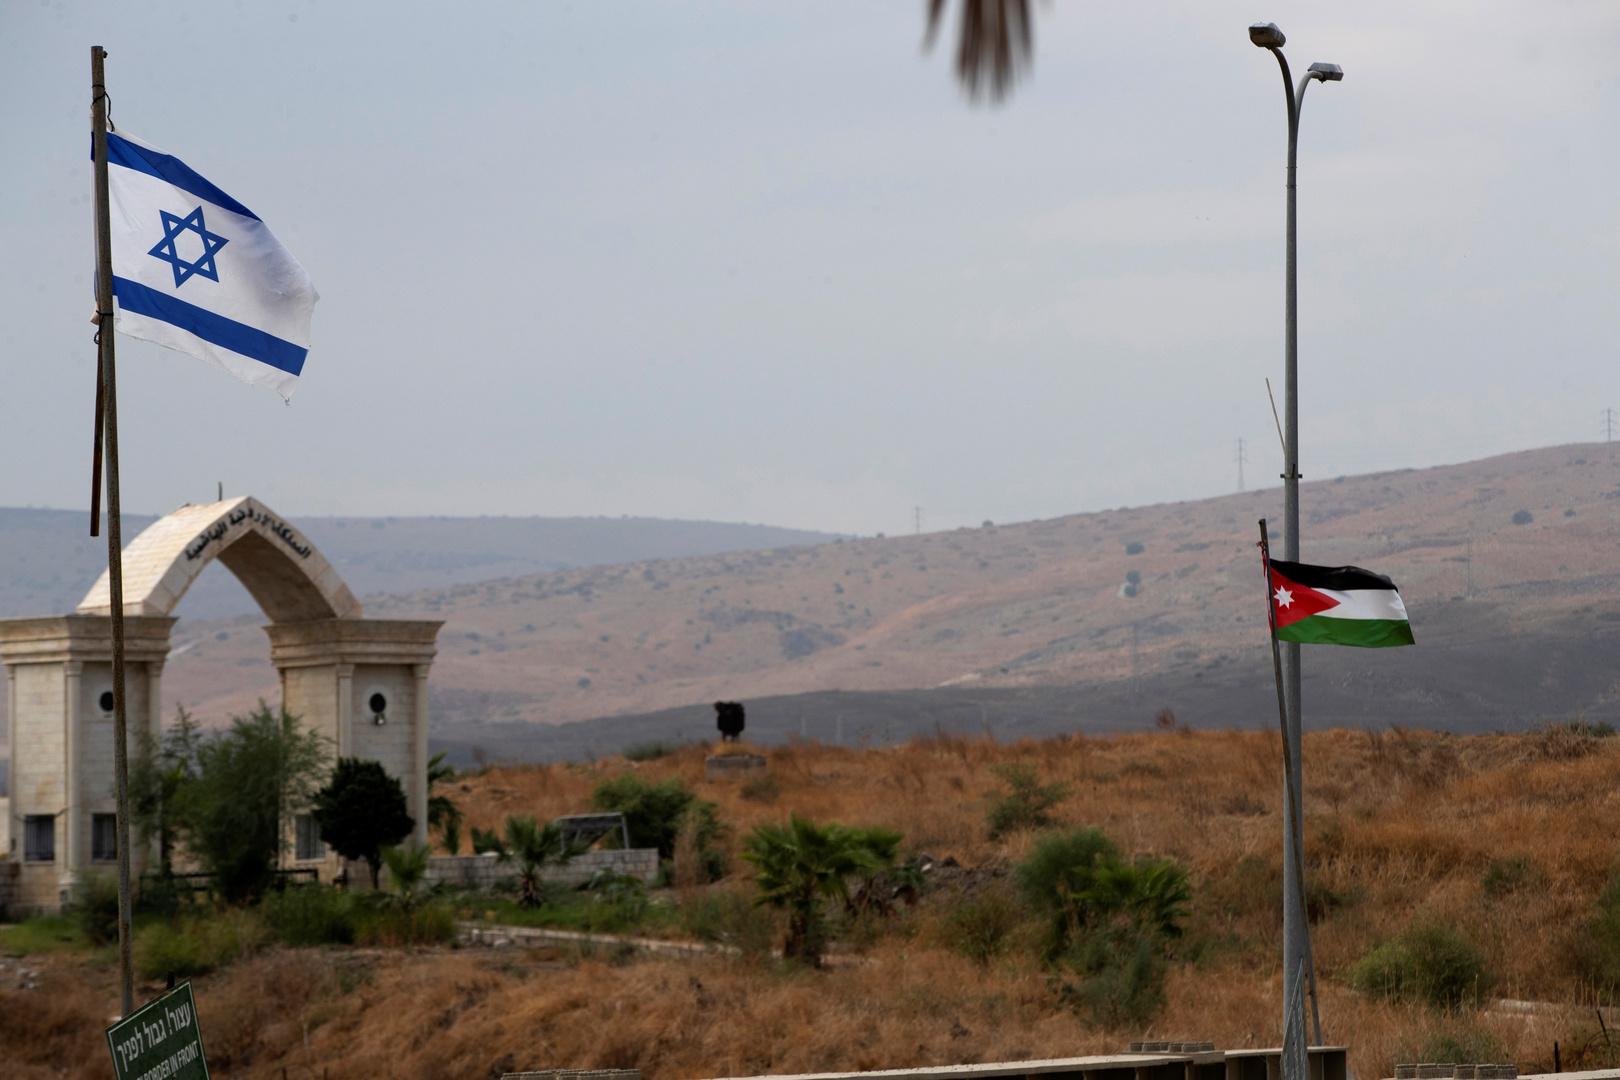 على جسر الملك حسين الحدودي.. الصفدي يبحث مع لابيد إمدادات المياه من إسرائيل للأردن وحل الدولتين